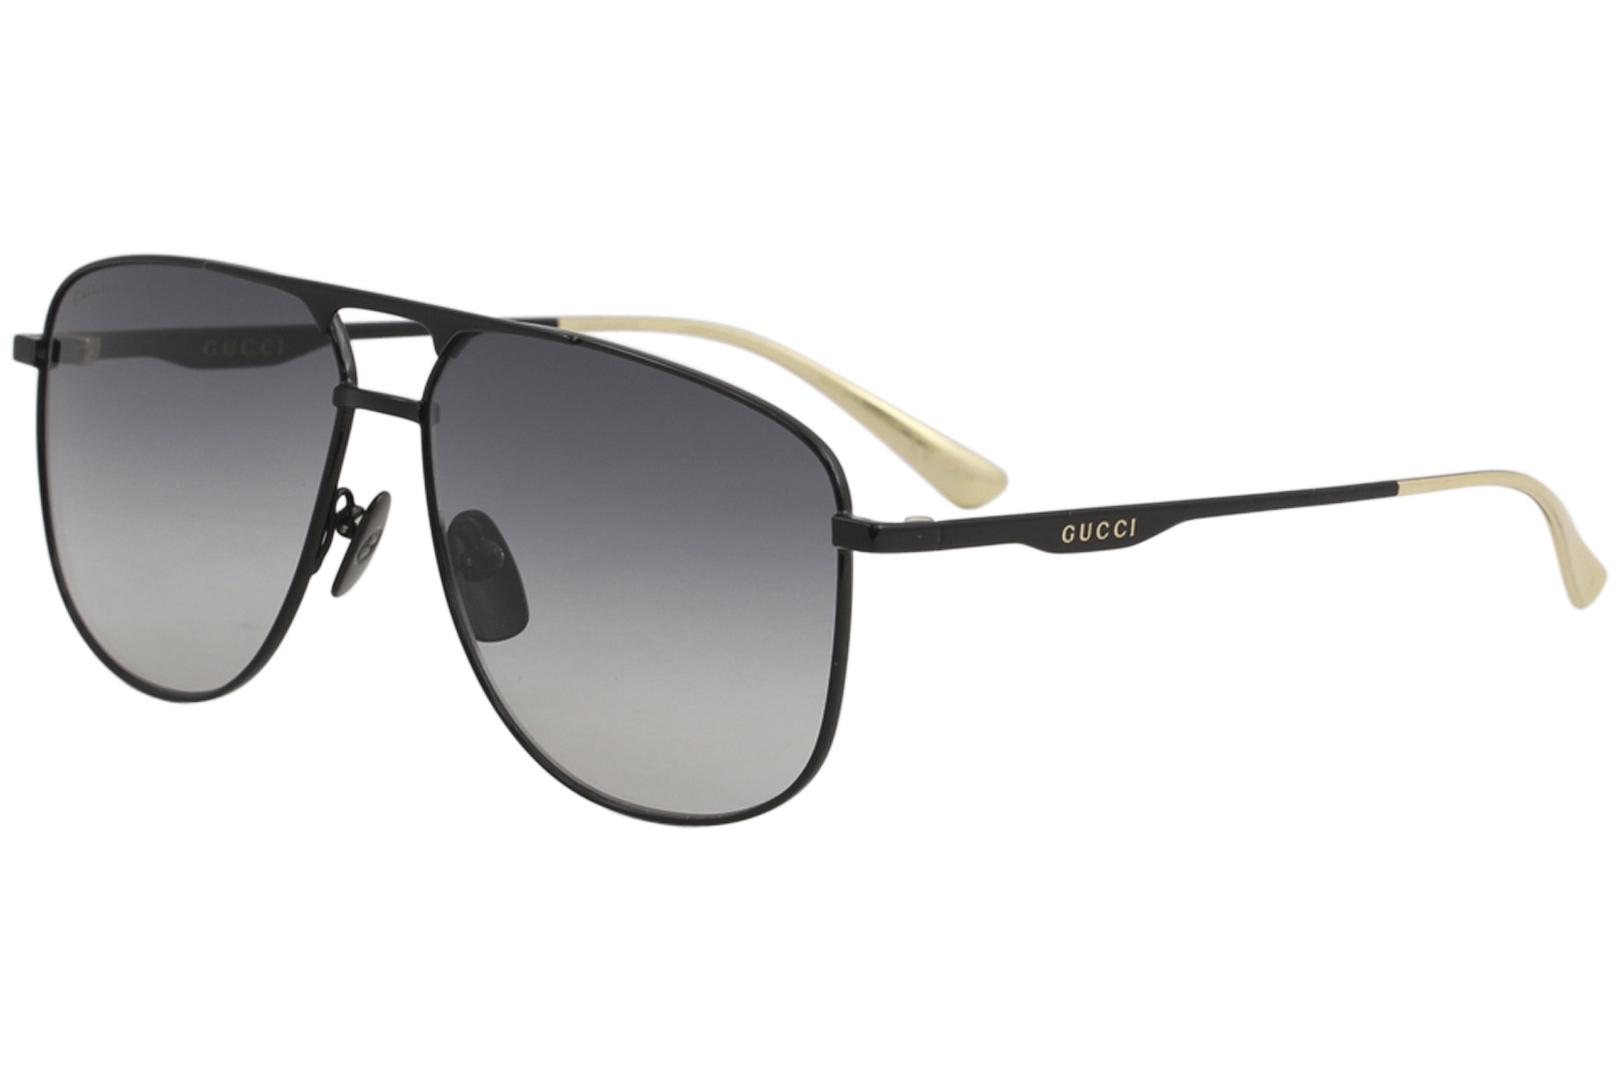 e02125a1fdd Gucci Men s GG0336S GG 0336 S 002 Black Fashion Pilot Polarized ...